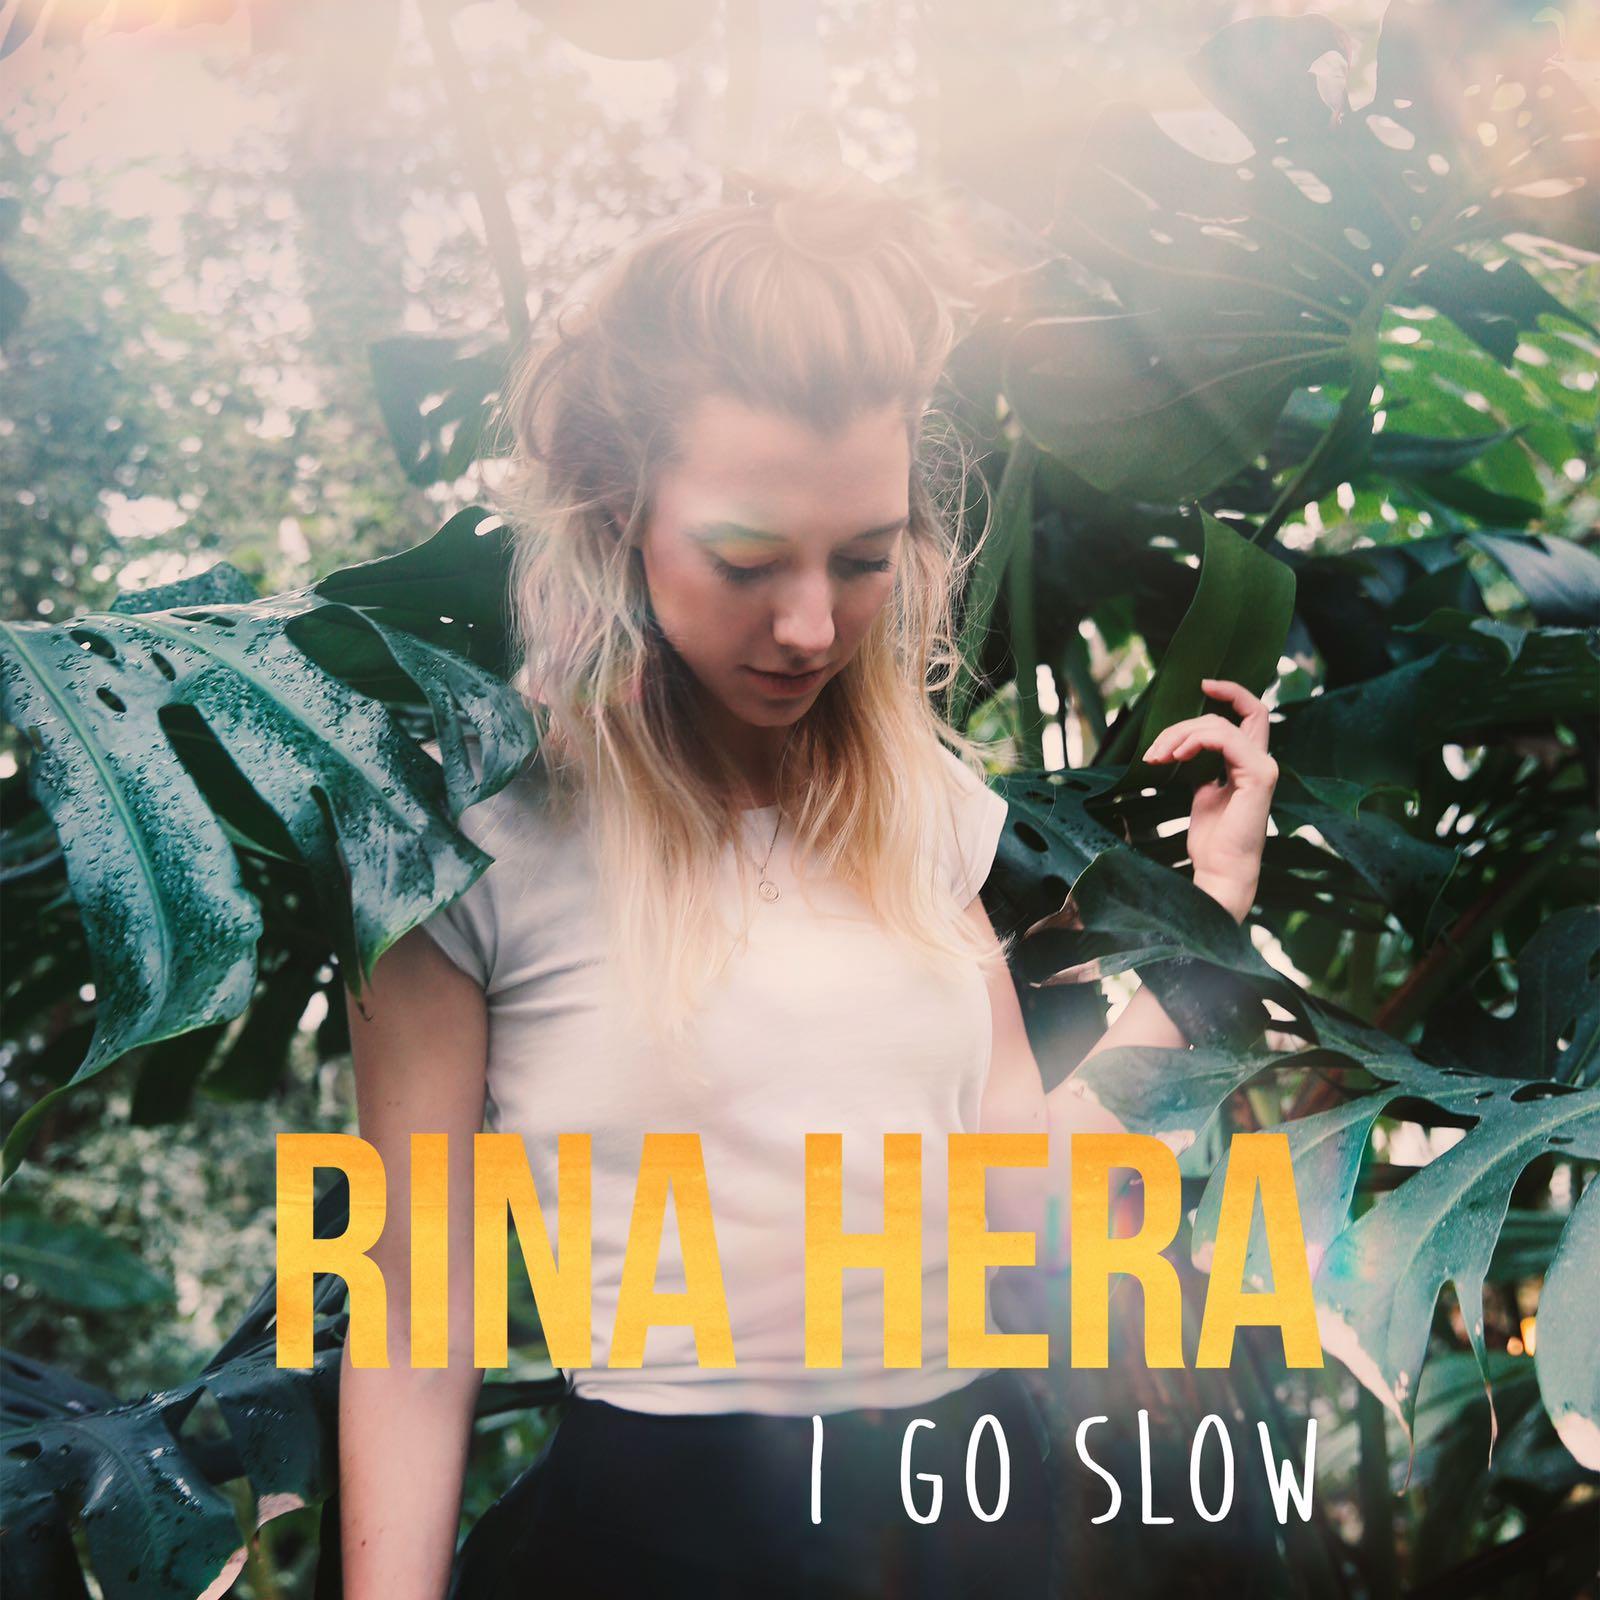 RH_I_GO_SLOW_Cover.jpeg